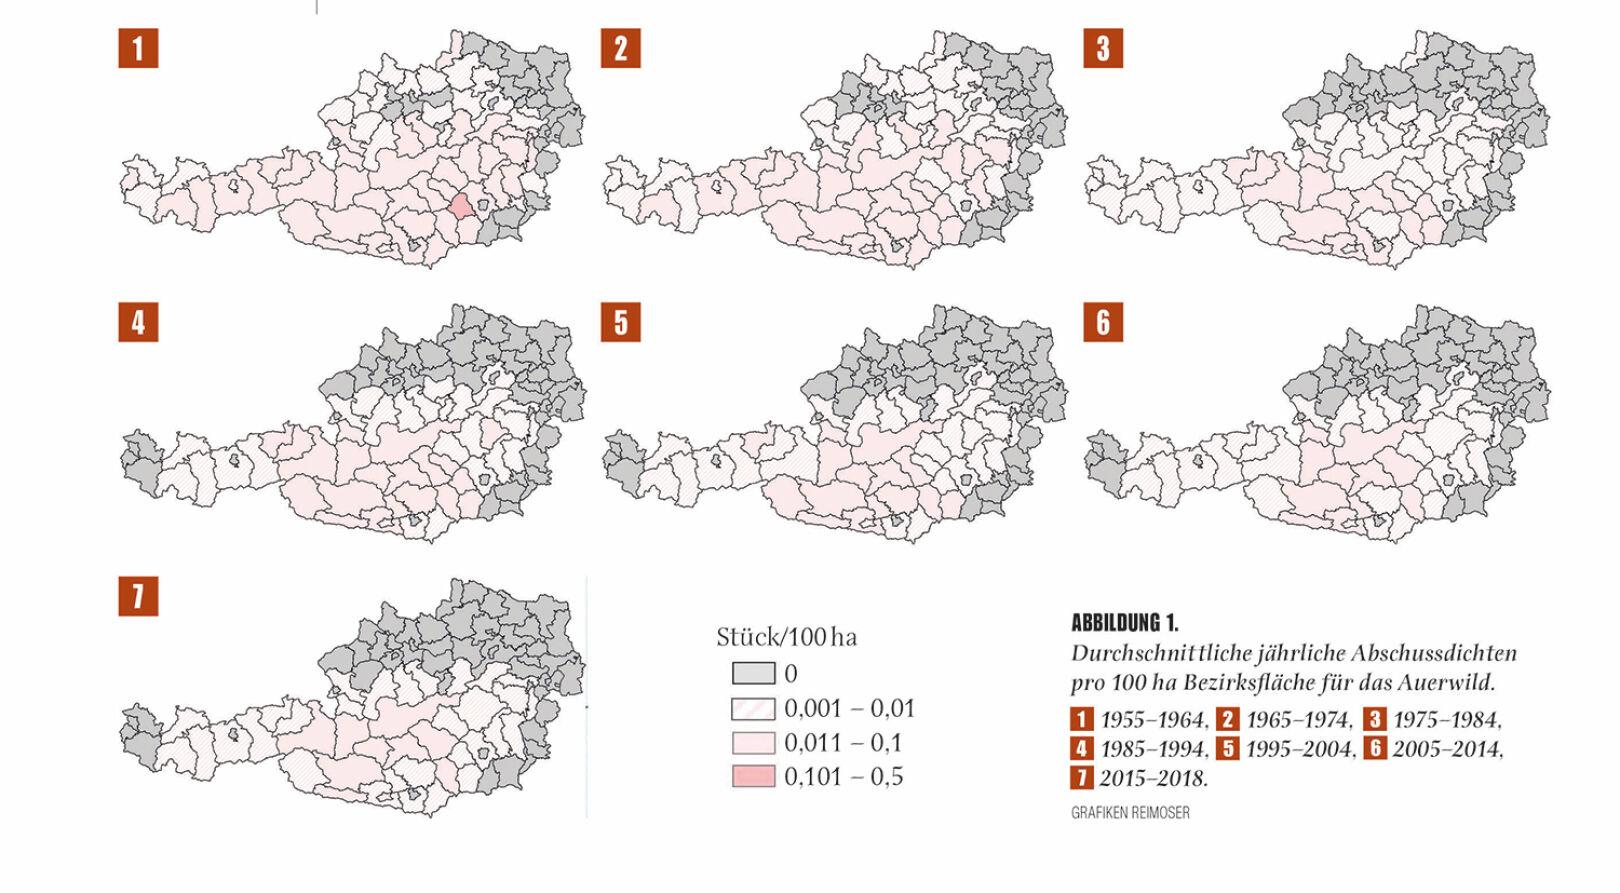 Abbildung 1 - Durchschnittliche jährliche Abschussdichten pro 100 ha Bezirksfläche für das Auerwild. - © Grafik Reimoser